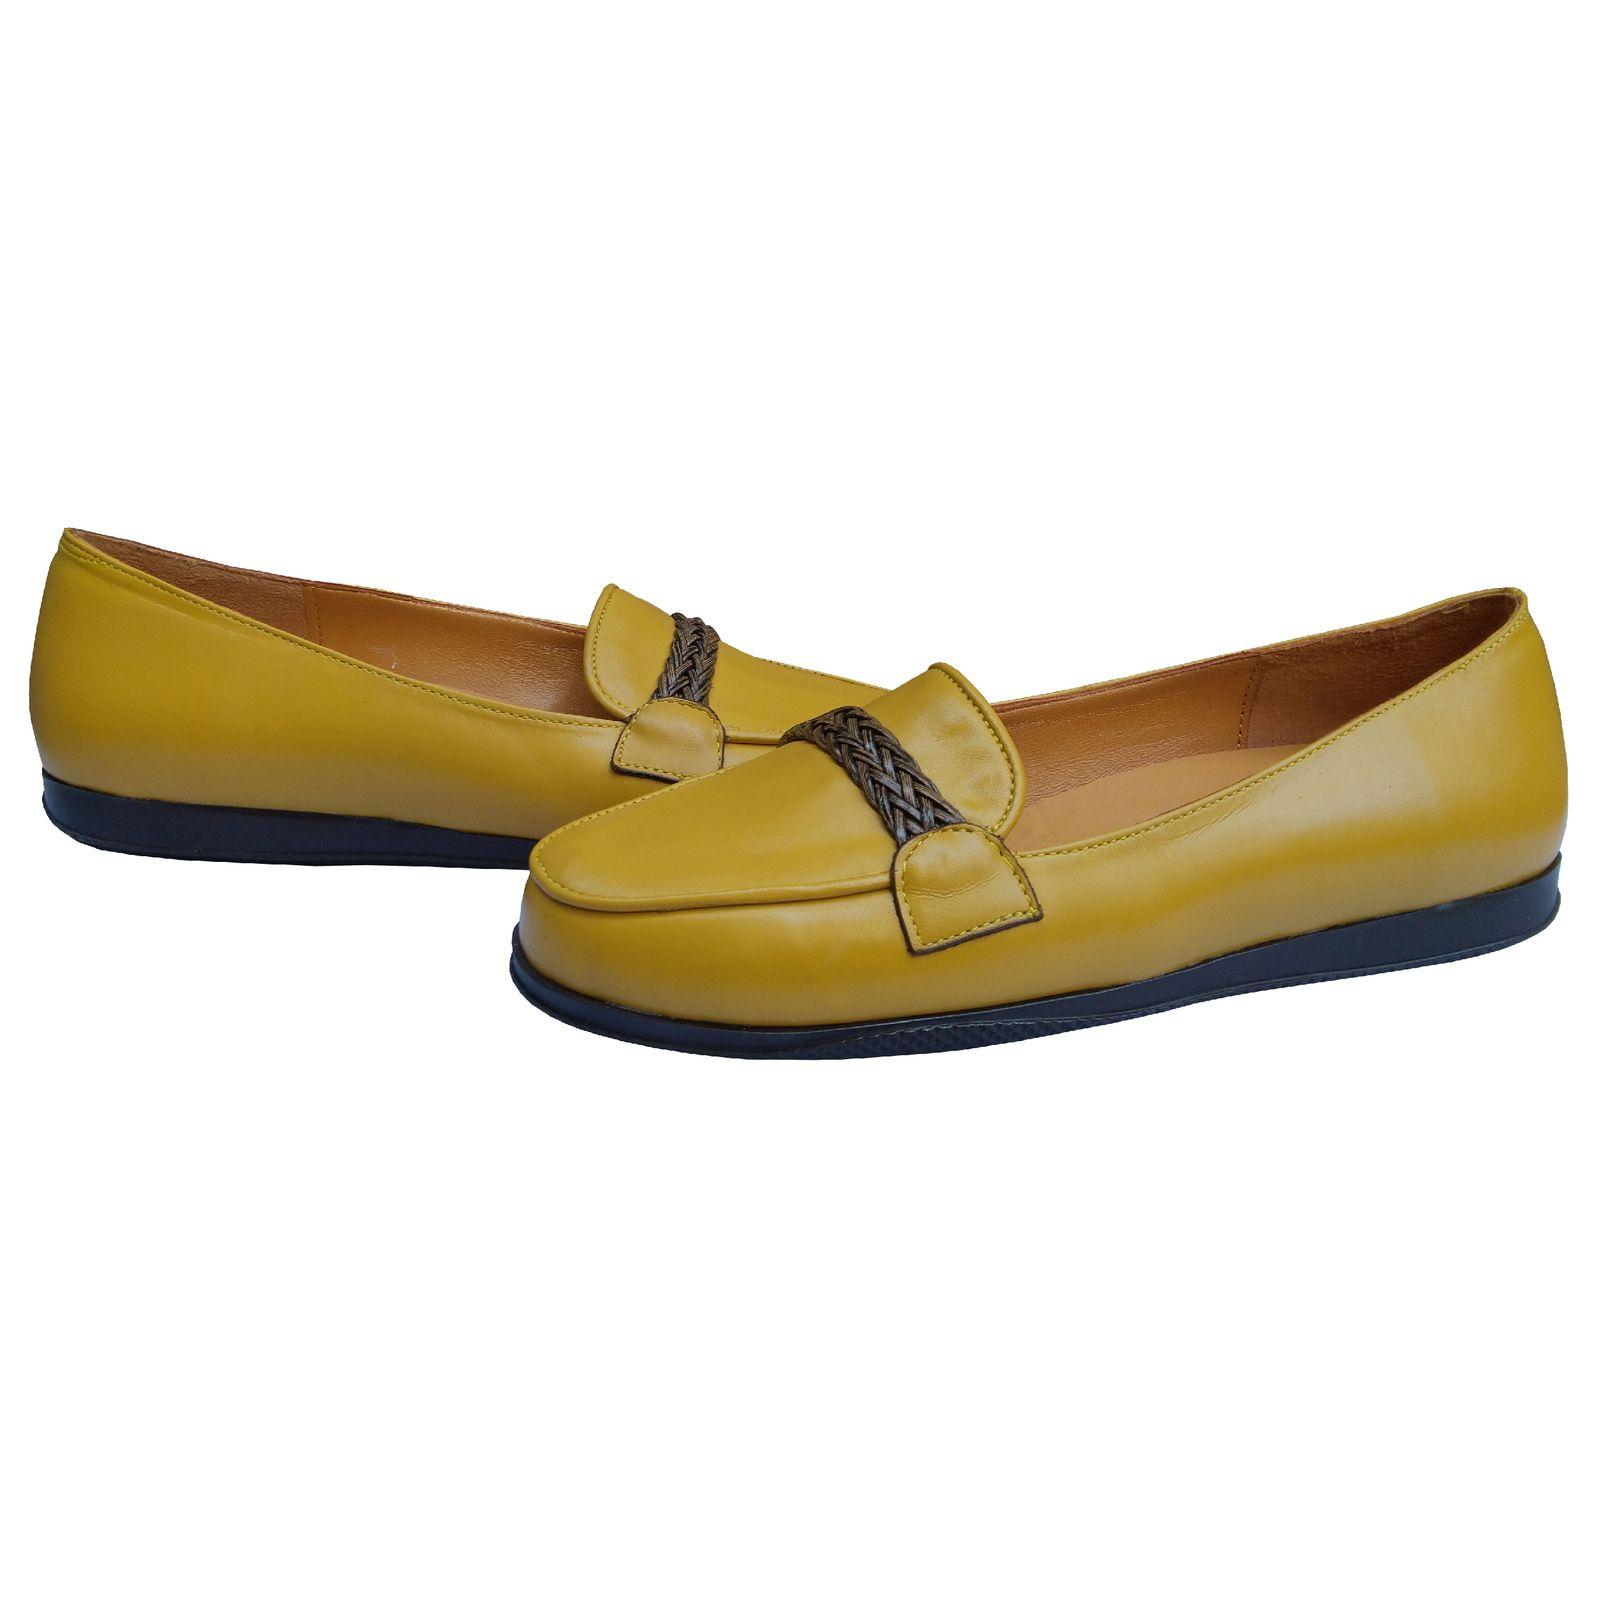 کفش روزمره زنانه مدل SK 312 -  - 3